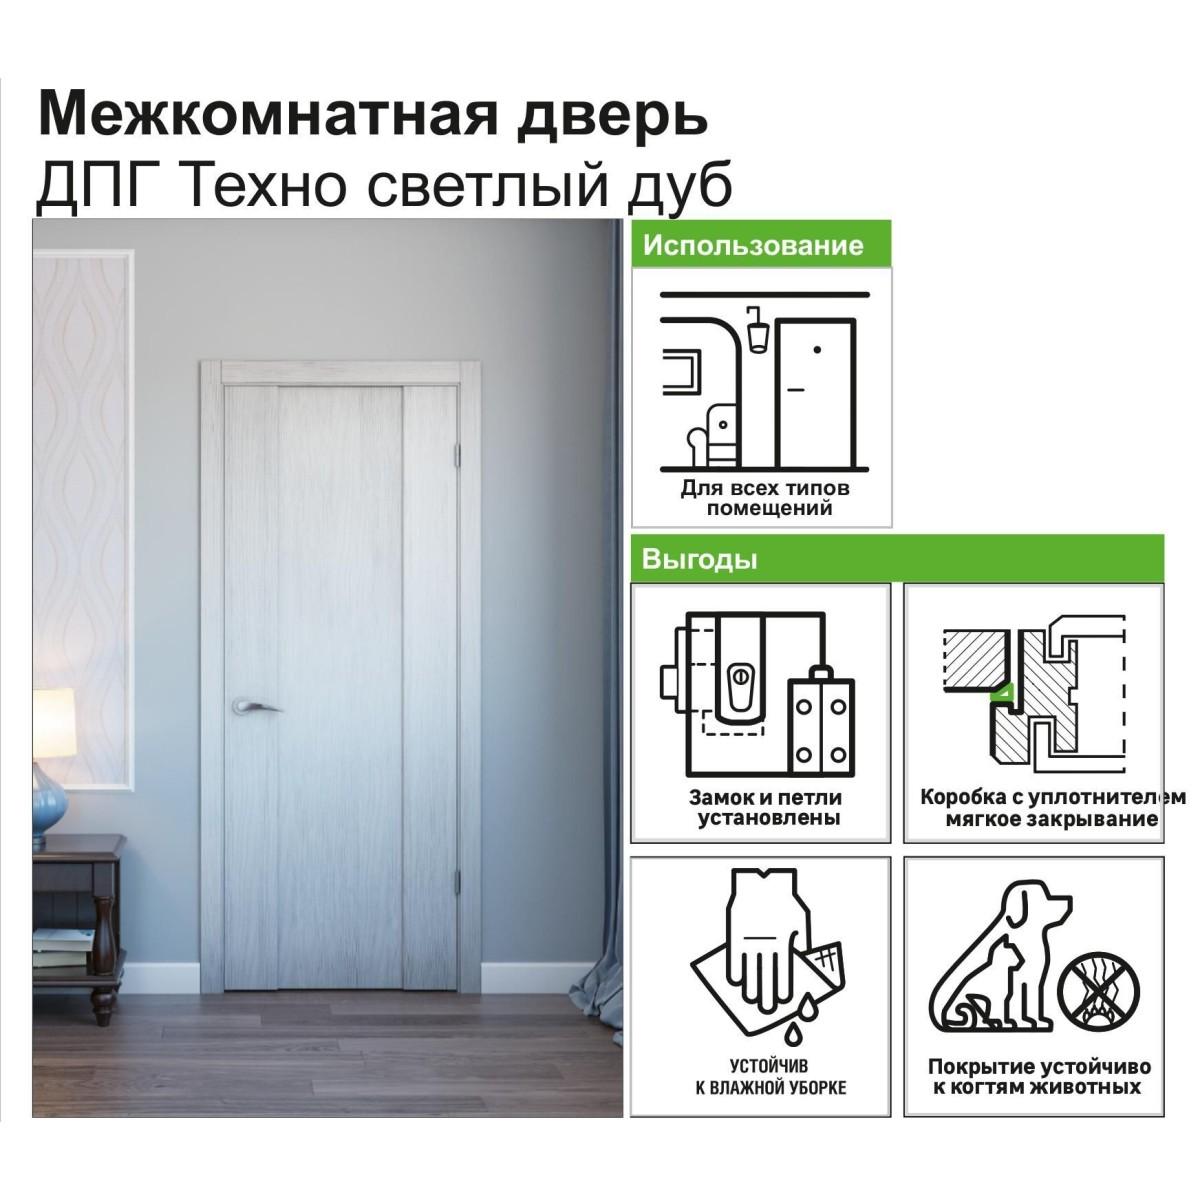 Дверь Межкомнатная Глухая Техно 70x200 Цвет Дуб Светло-Серый